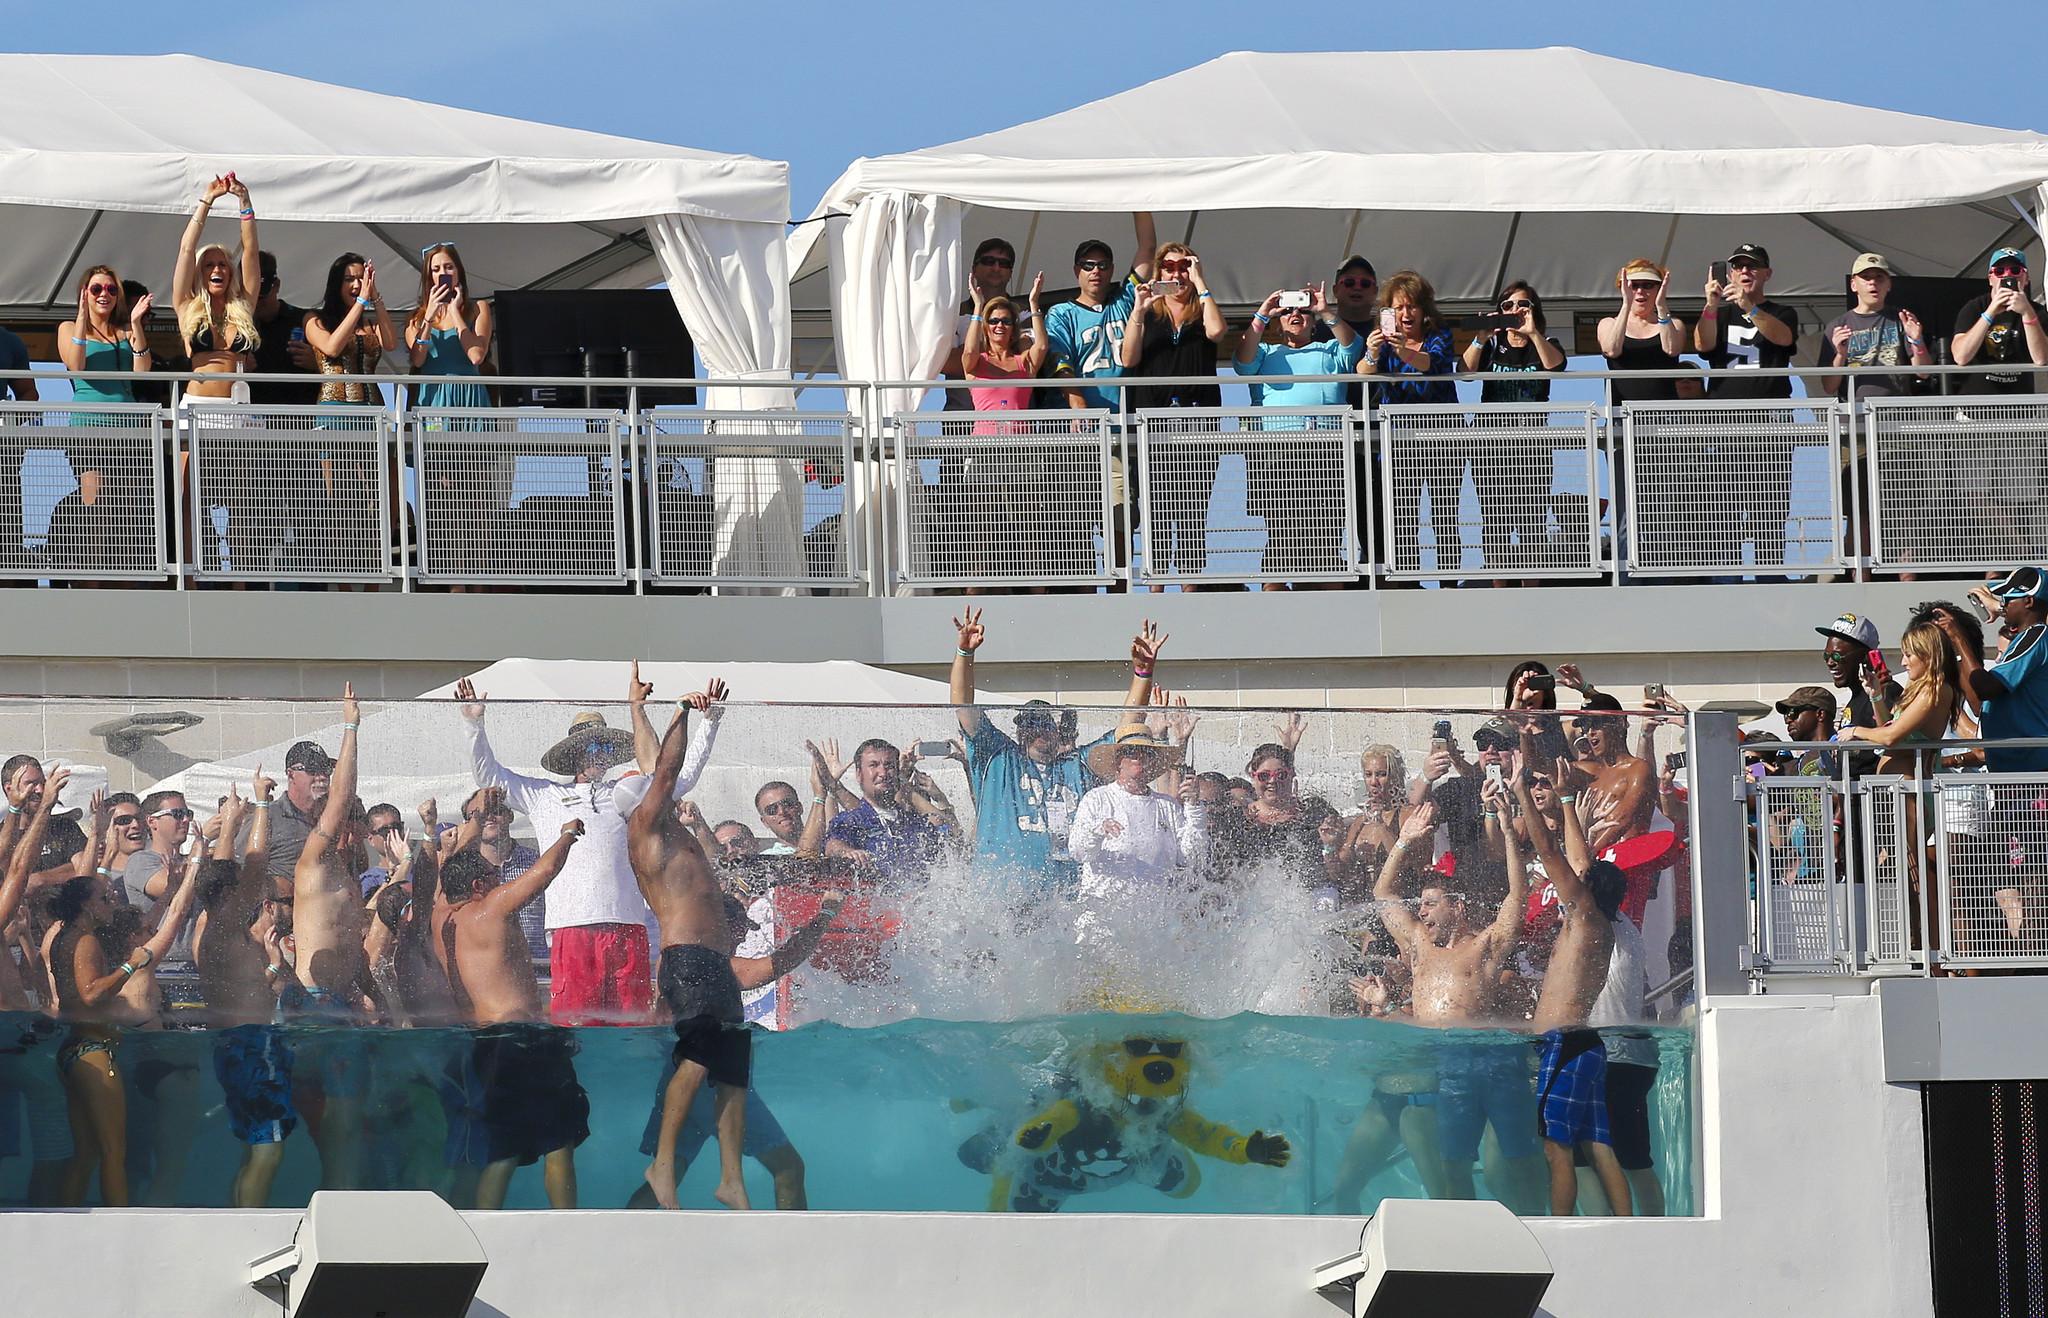 jaguar swimming pool - photo #12